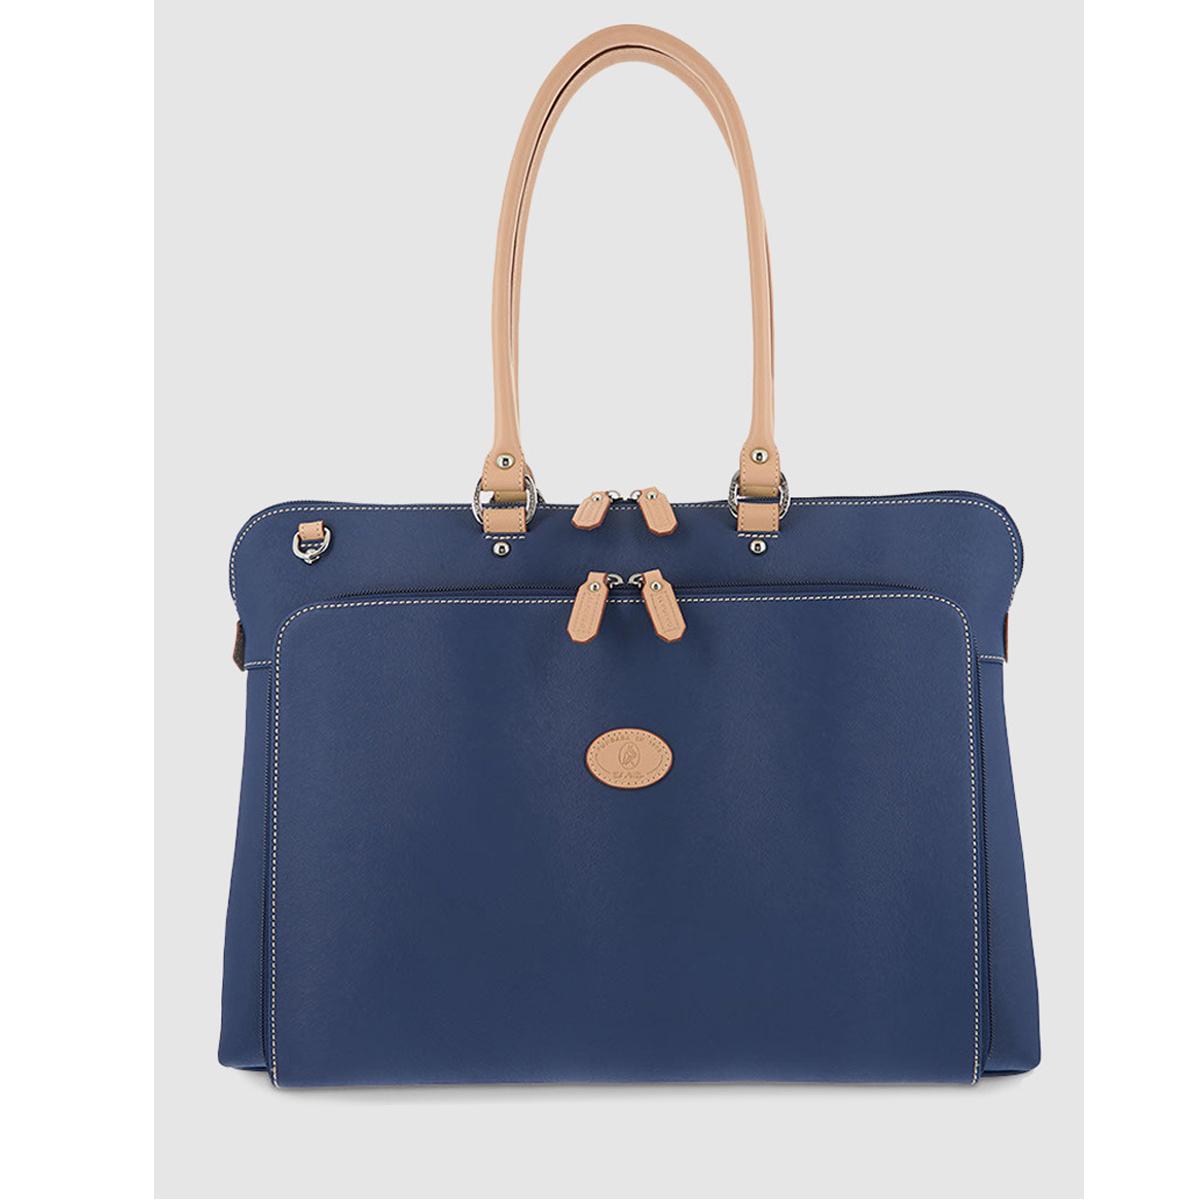 7. Portadocumentos de canvas en azul con bolsillo exterior, de El Corte Inglés (104,30 euros)